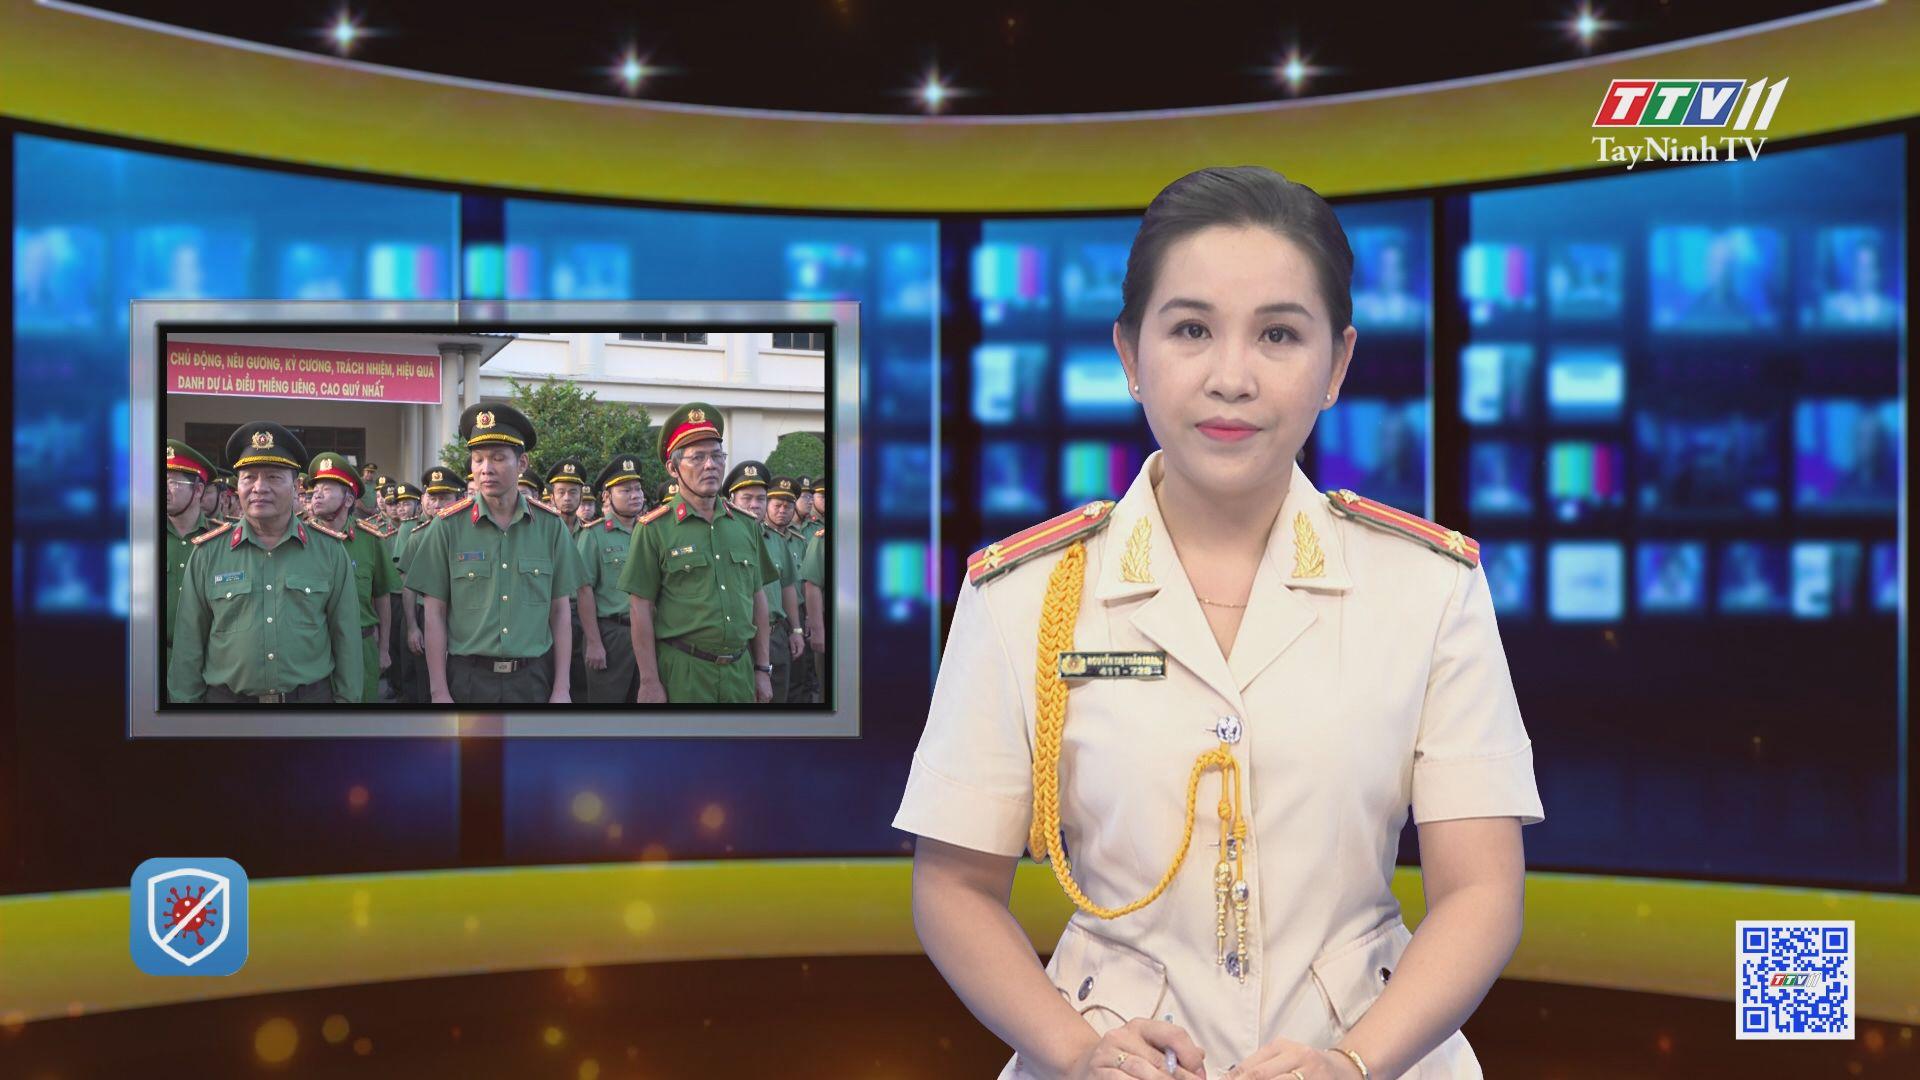 Công an Tây Ninh tổ chức lễ ra quân cấp thẻ CCCD có gắn chip điện tử | AN NINH TÂY NINH | TayNinhTV